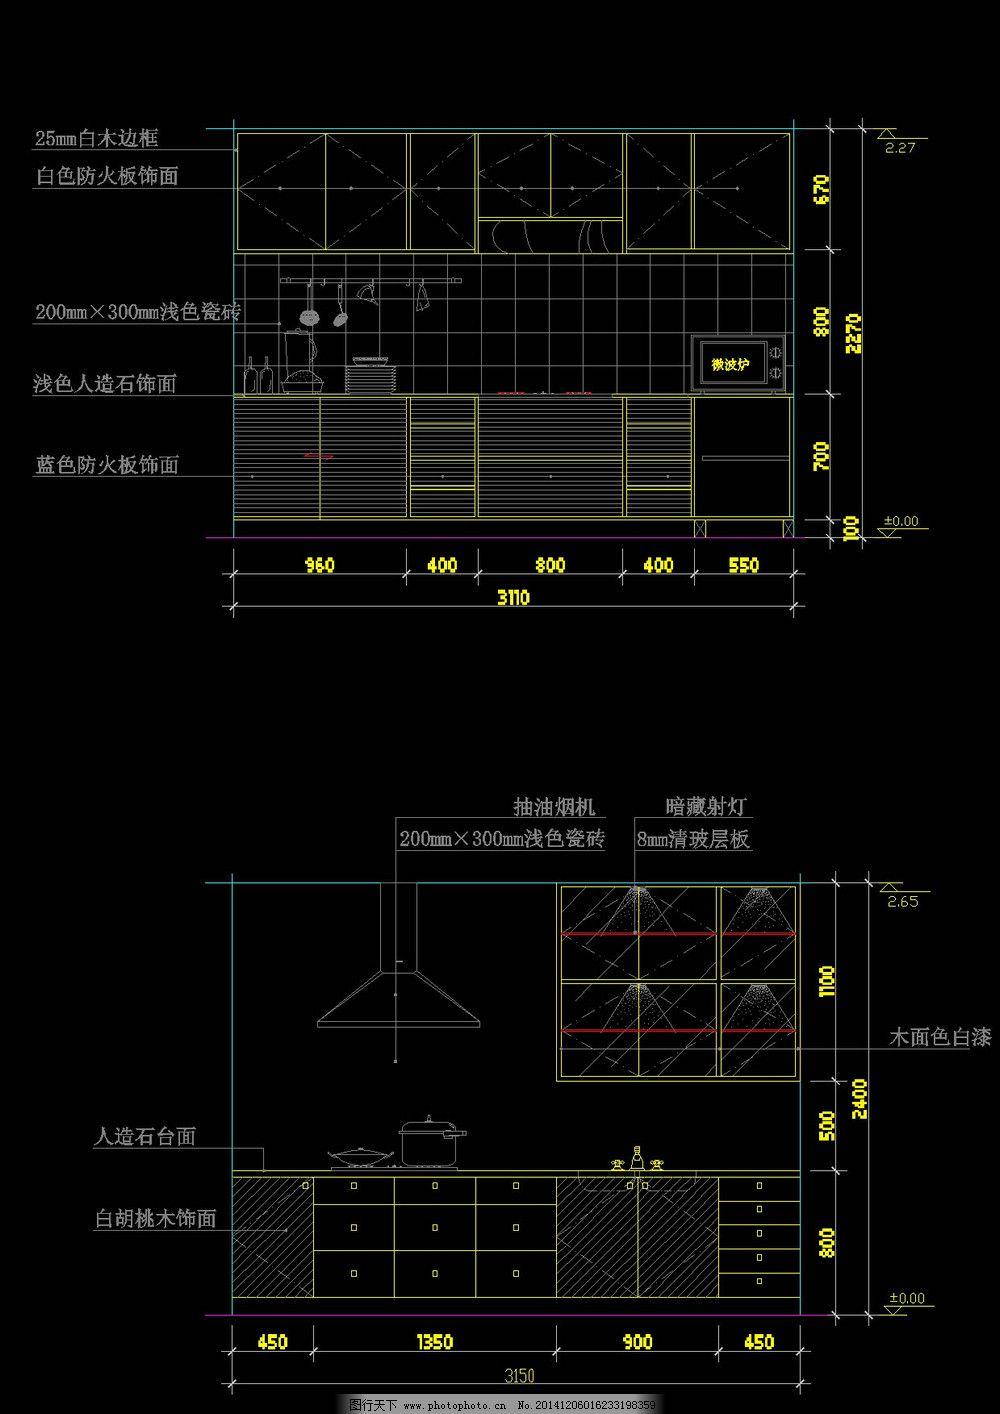 厨房cad图纸 花园 家具 室内设计 天花 小区 住宅楼 厨房施工图立面图